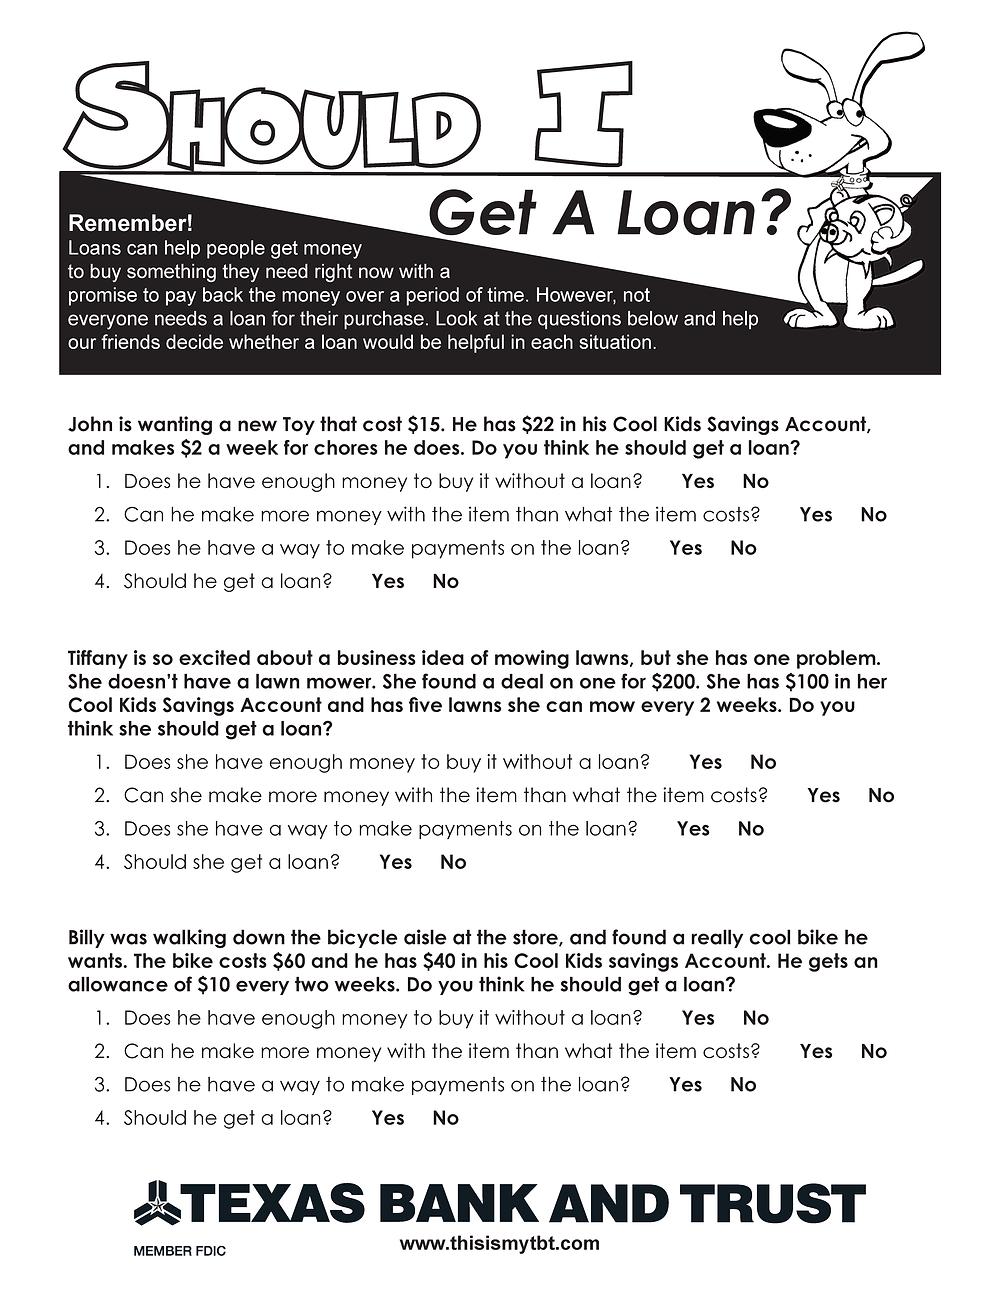 Should I Get A Loan?